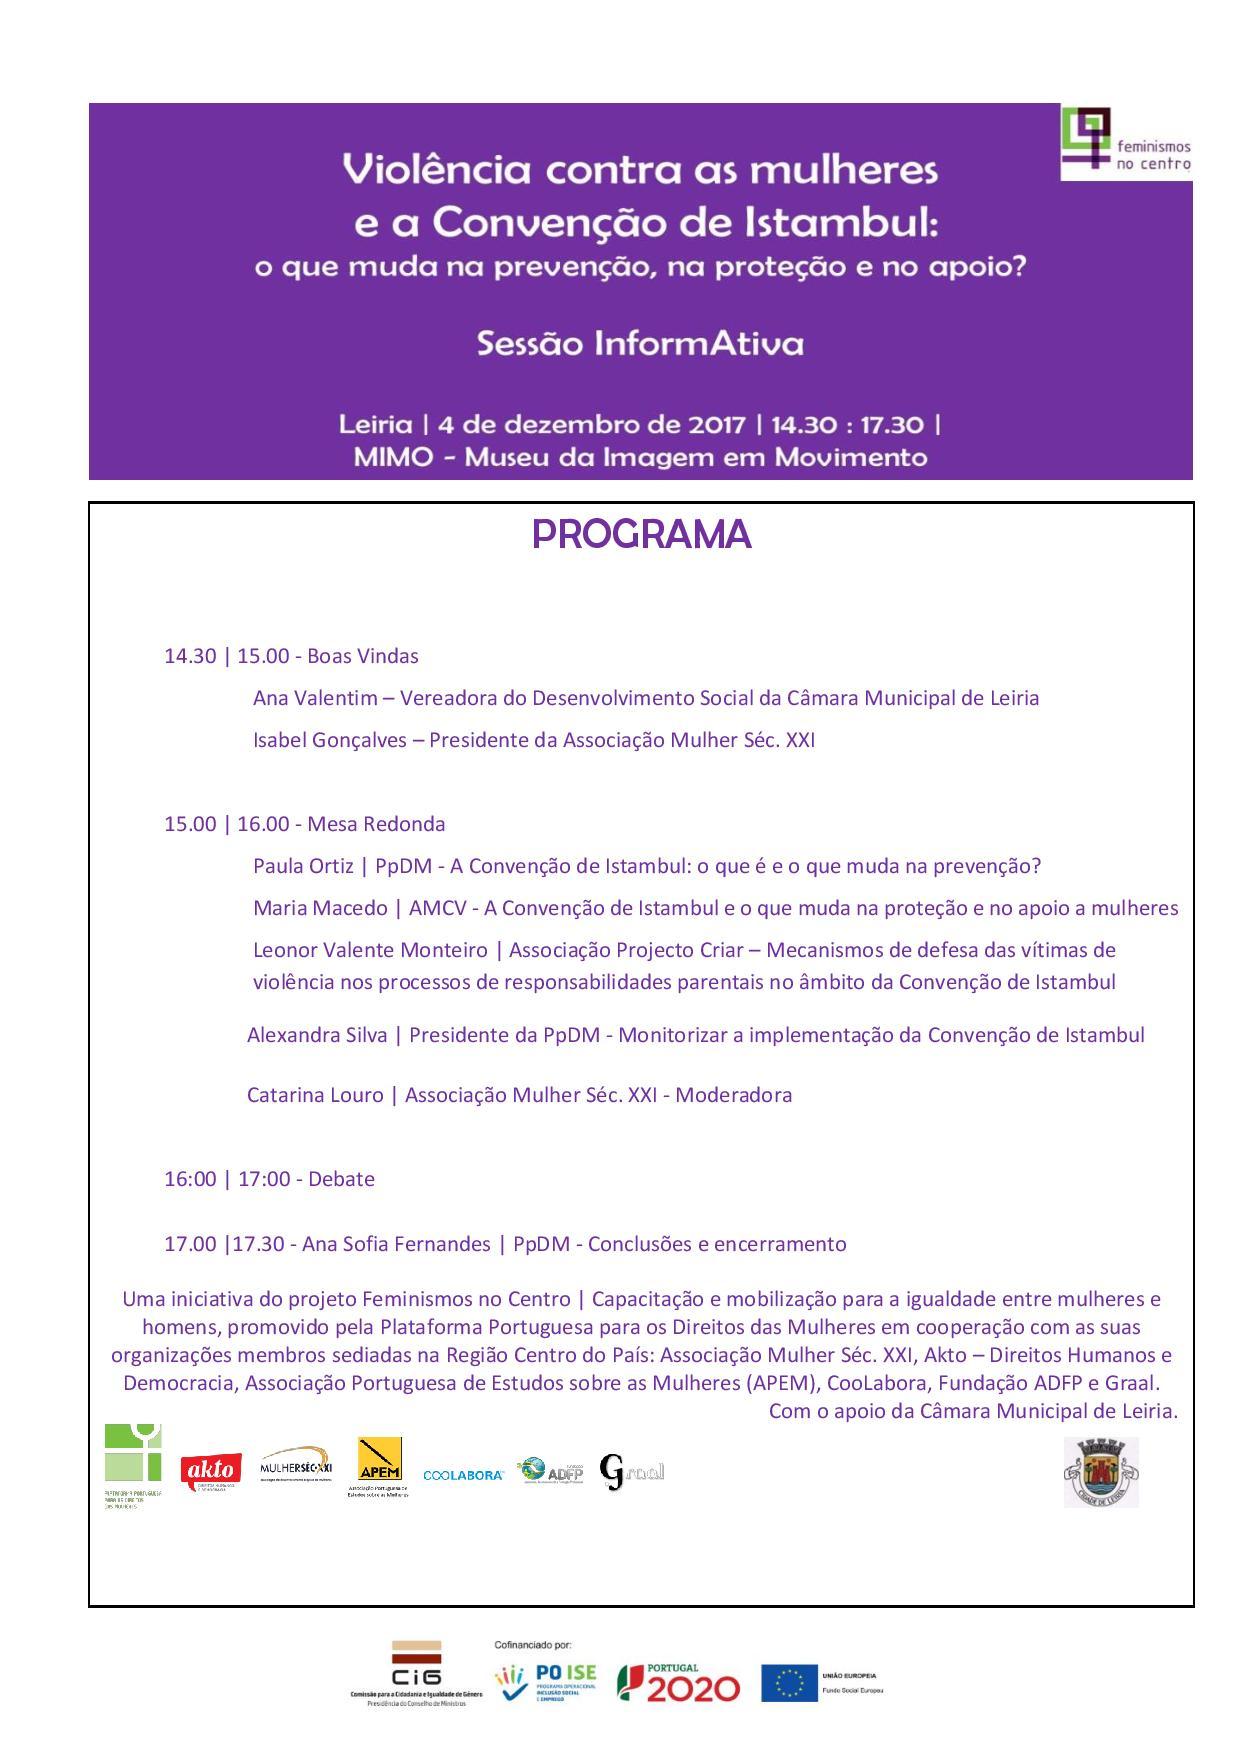 Programa_Sessao_InformAtiva_ConvençãoIstambul_Leiria_4_dez-page-001-2